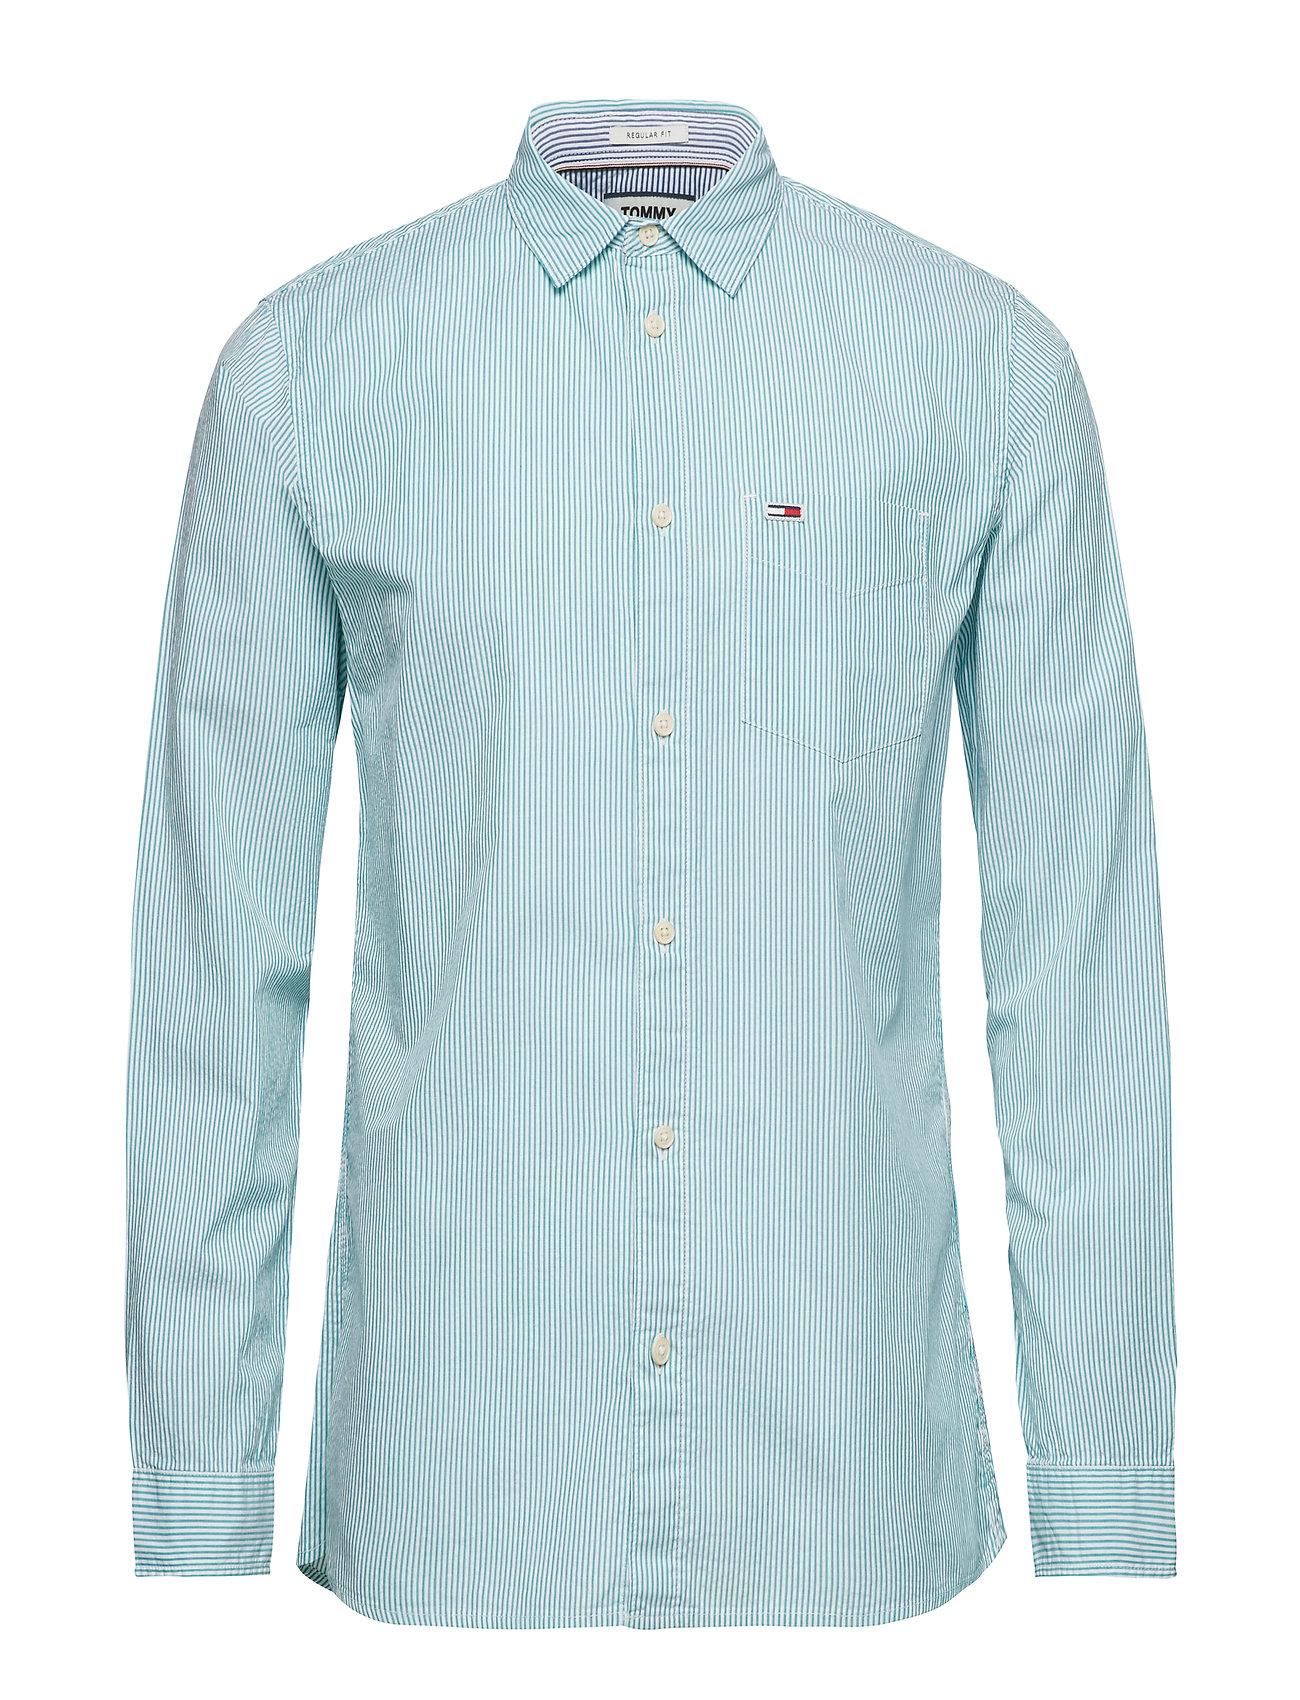 c8b03161 Tommy Hilfiger casual skjorter – Tjm Seersucker Shirt til herre i ...